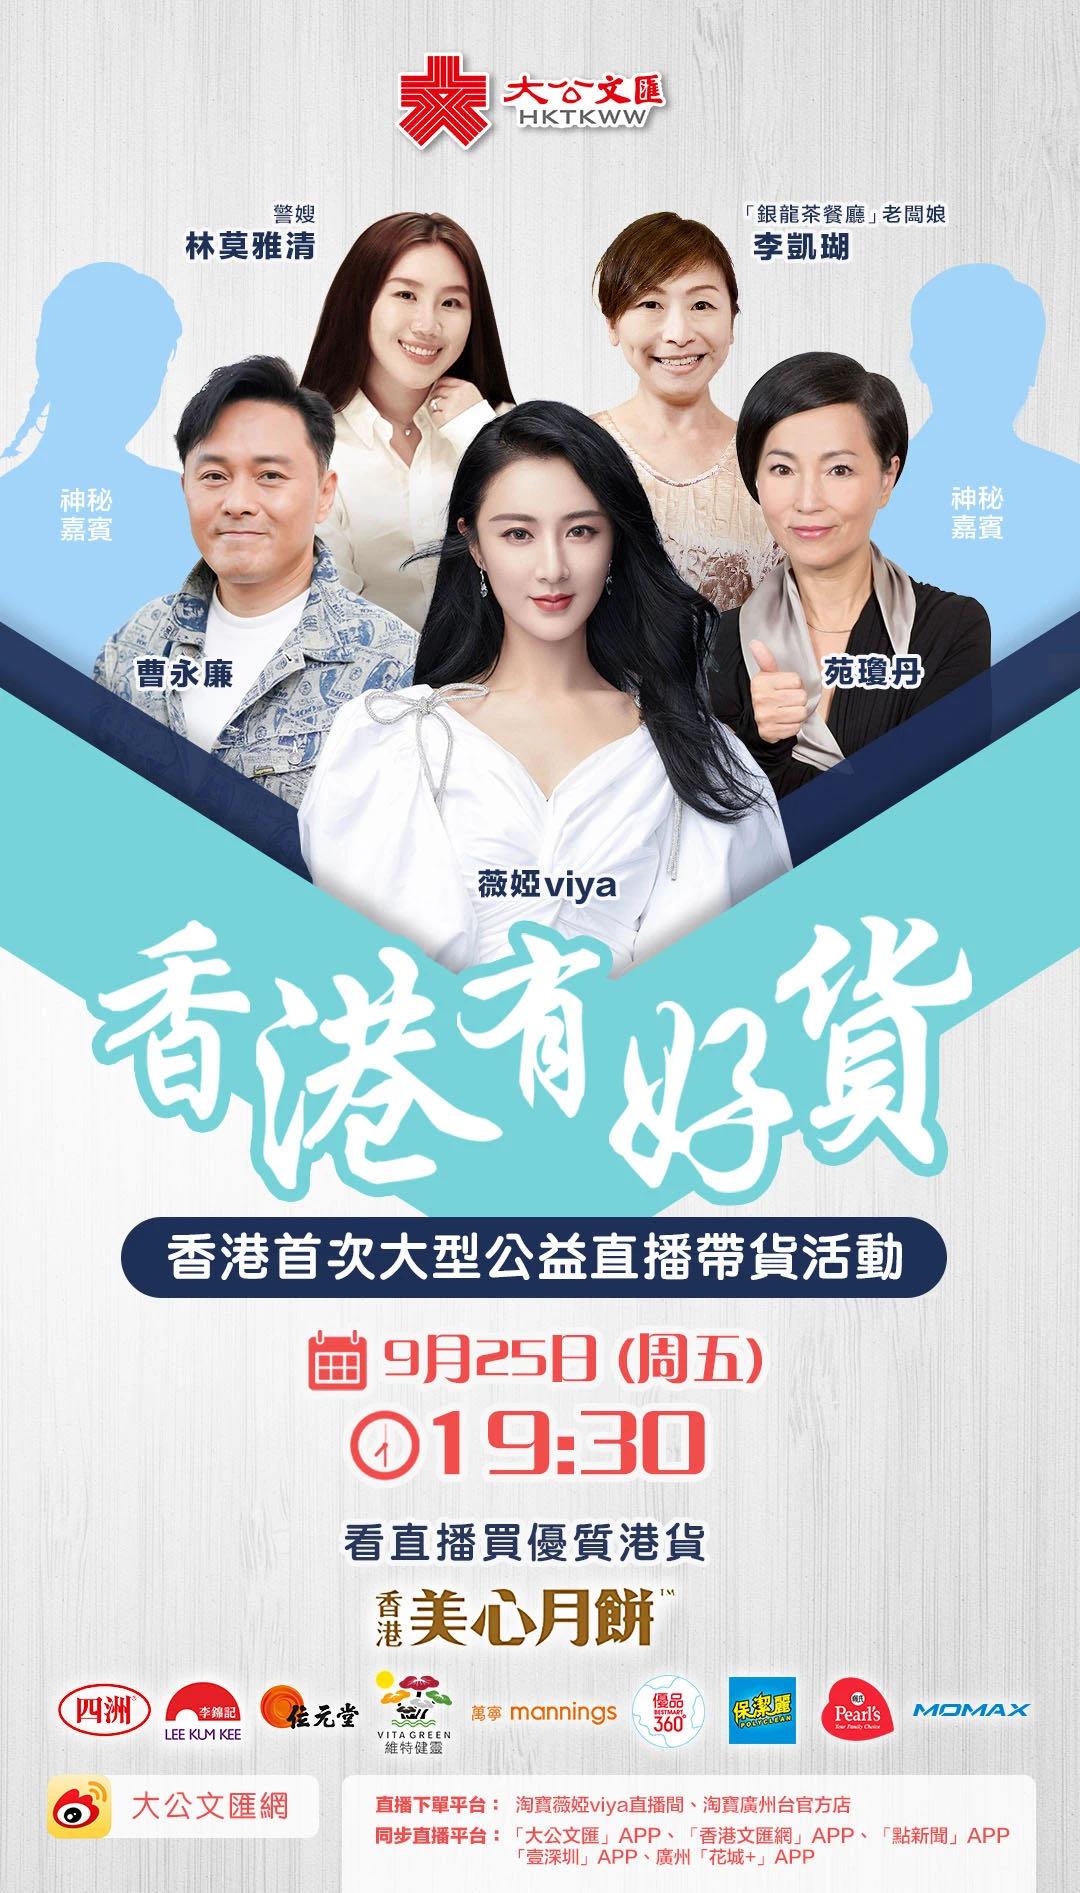 看直播買港貨 「香港有好貨」25日晚開播